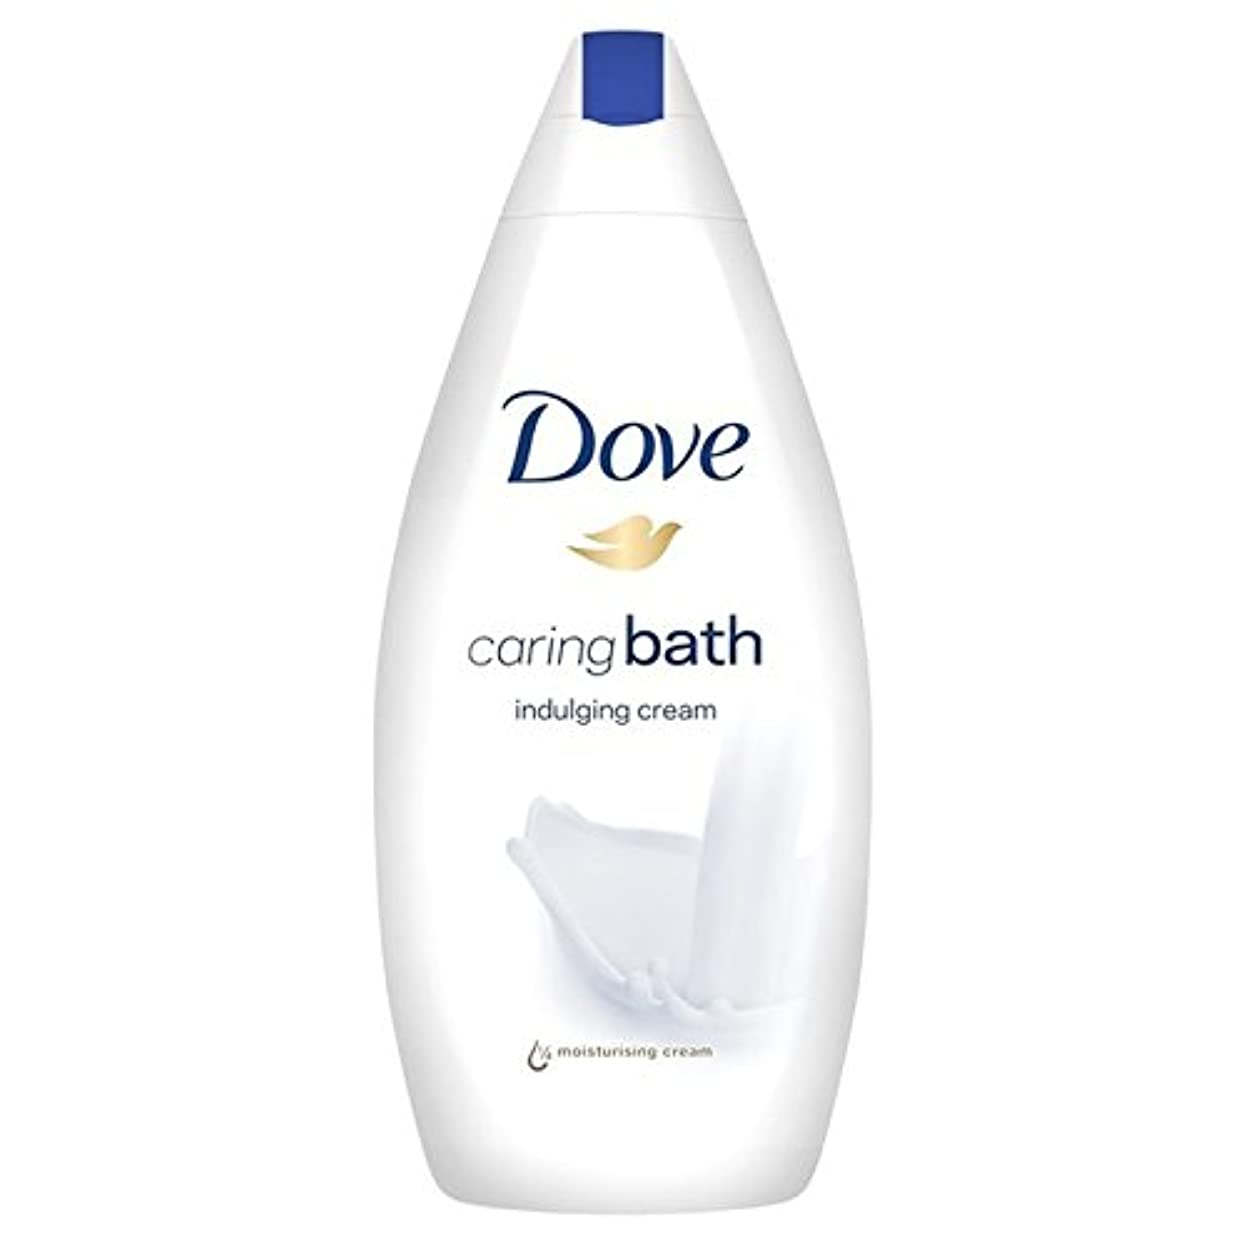 オーブン敵対的市民思いやりのバス500ミリリットルをふける鳩 x2 - Dove Indulging Caring Bath 500ml (Pack of 2) [並行輸入品]